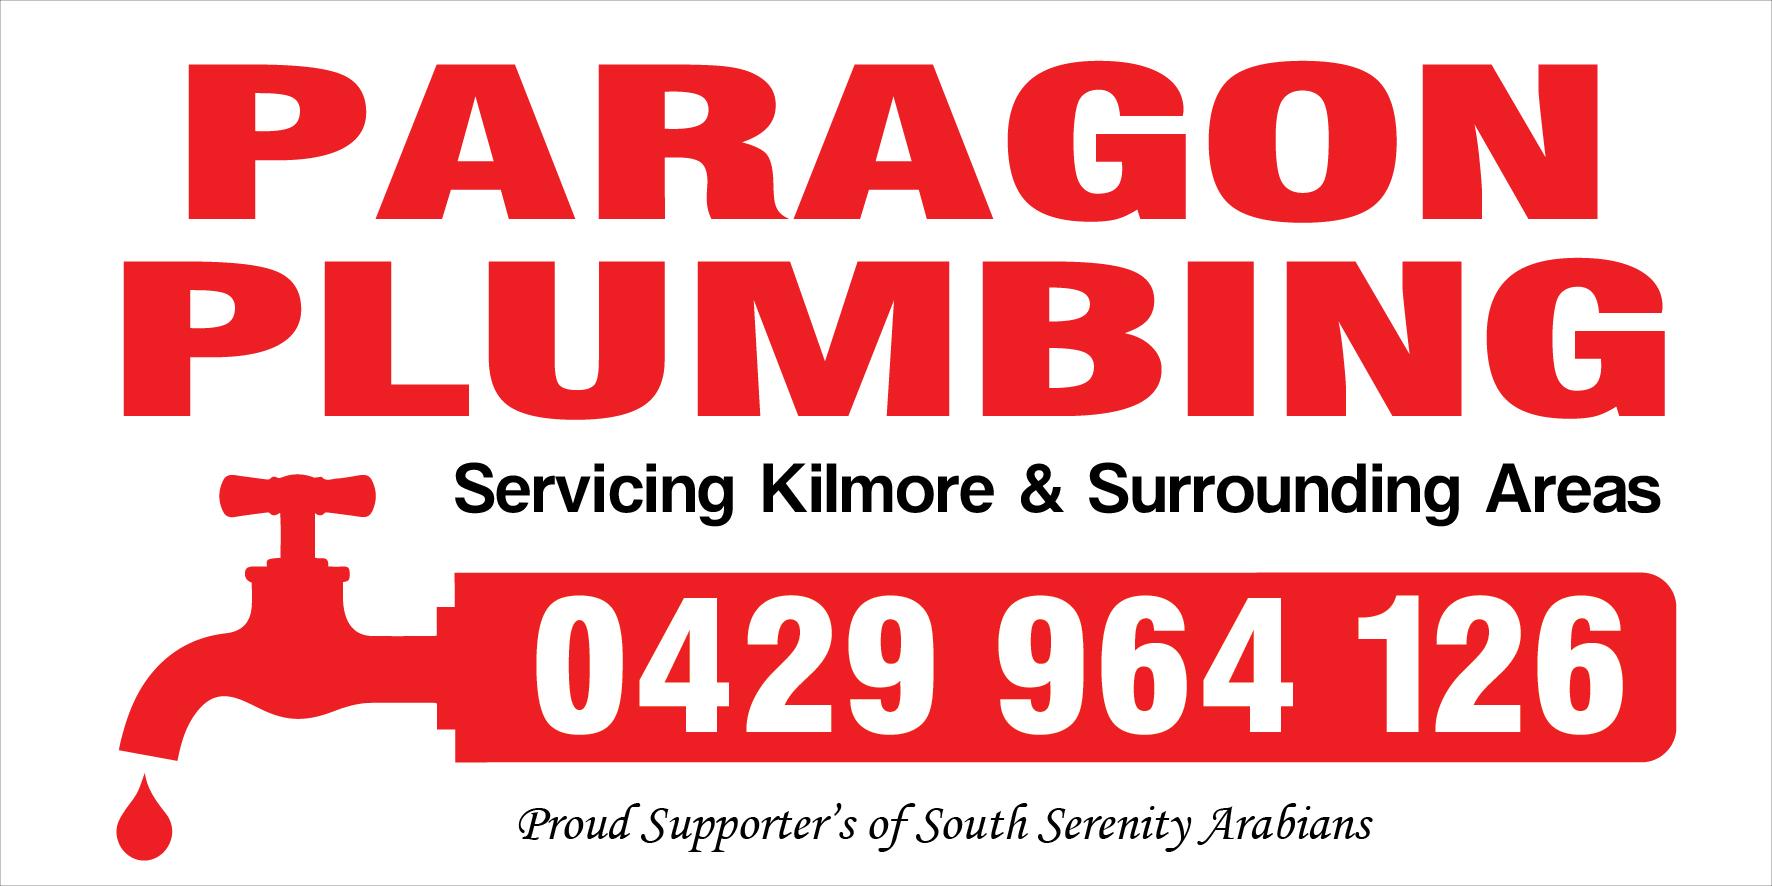 Paragon Plumbing